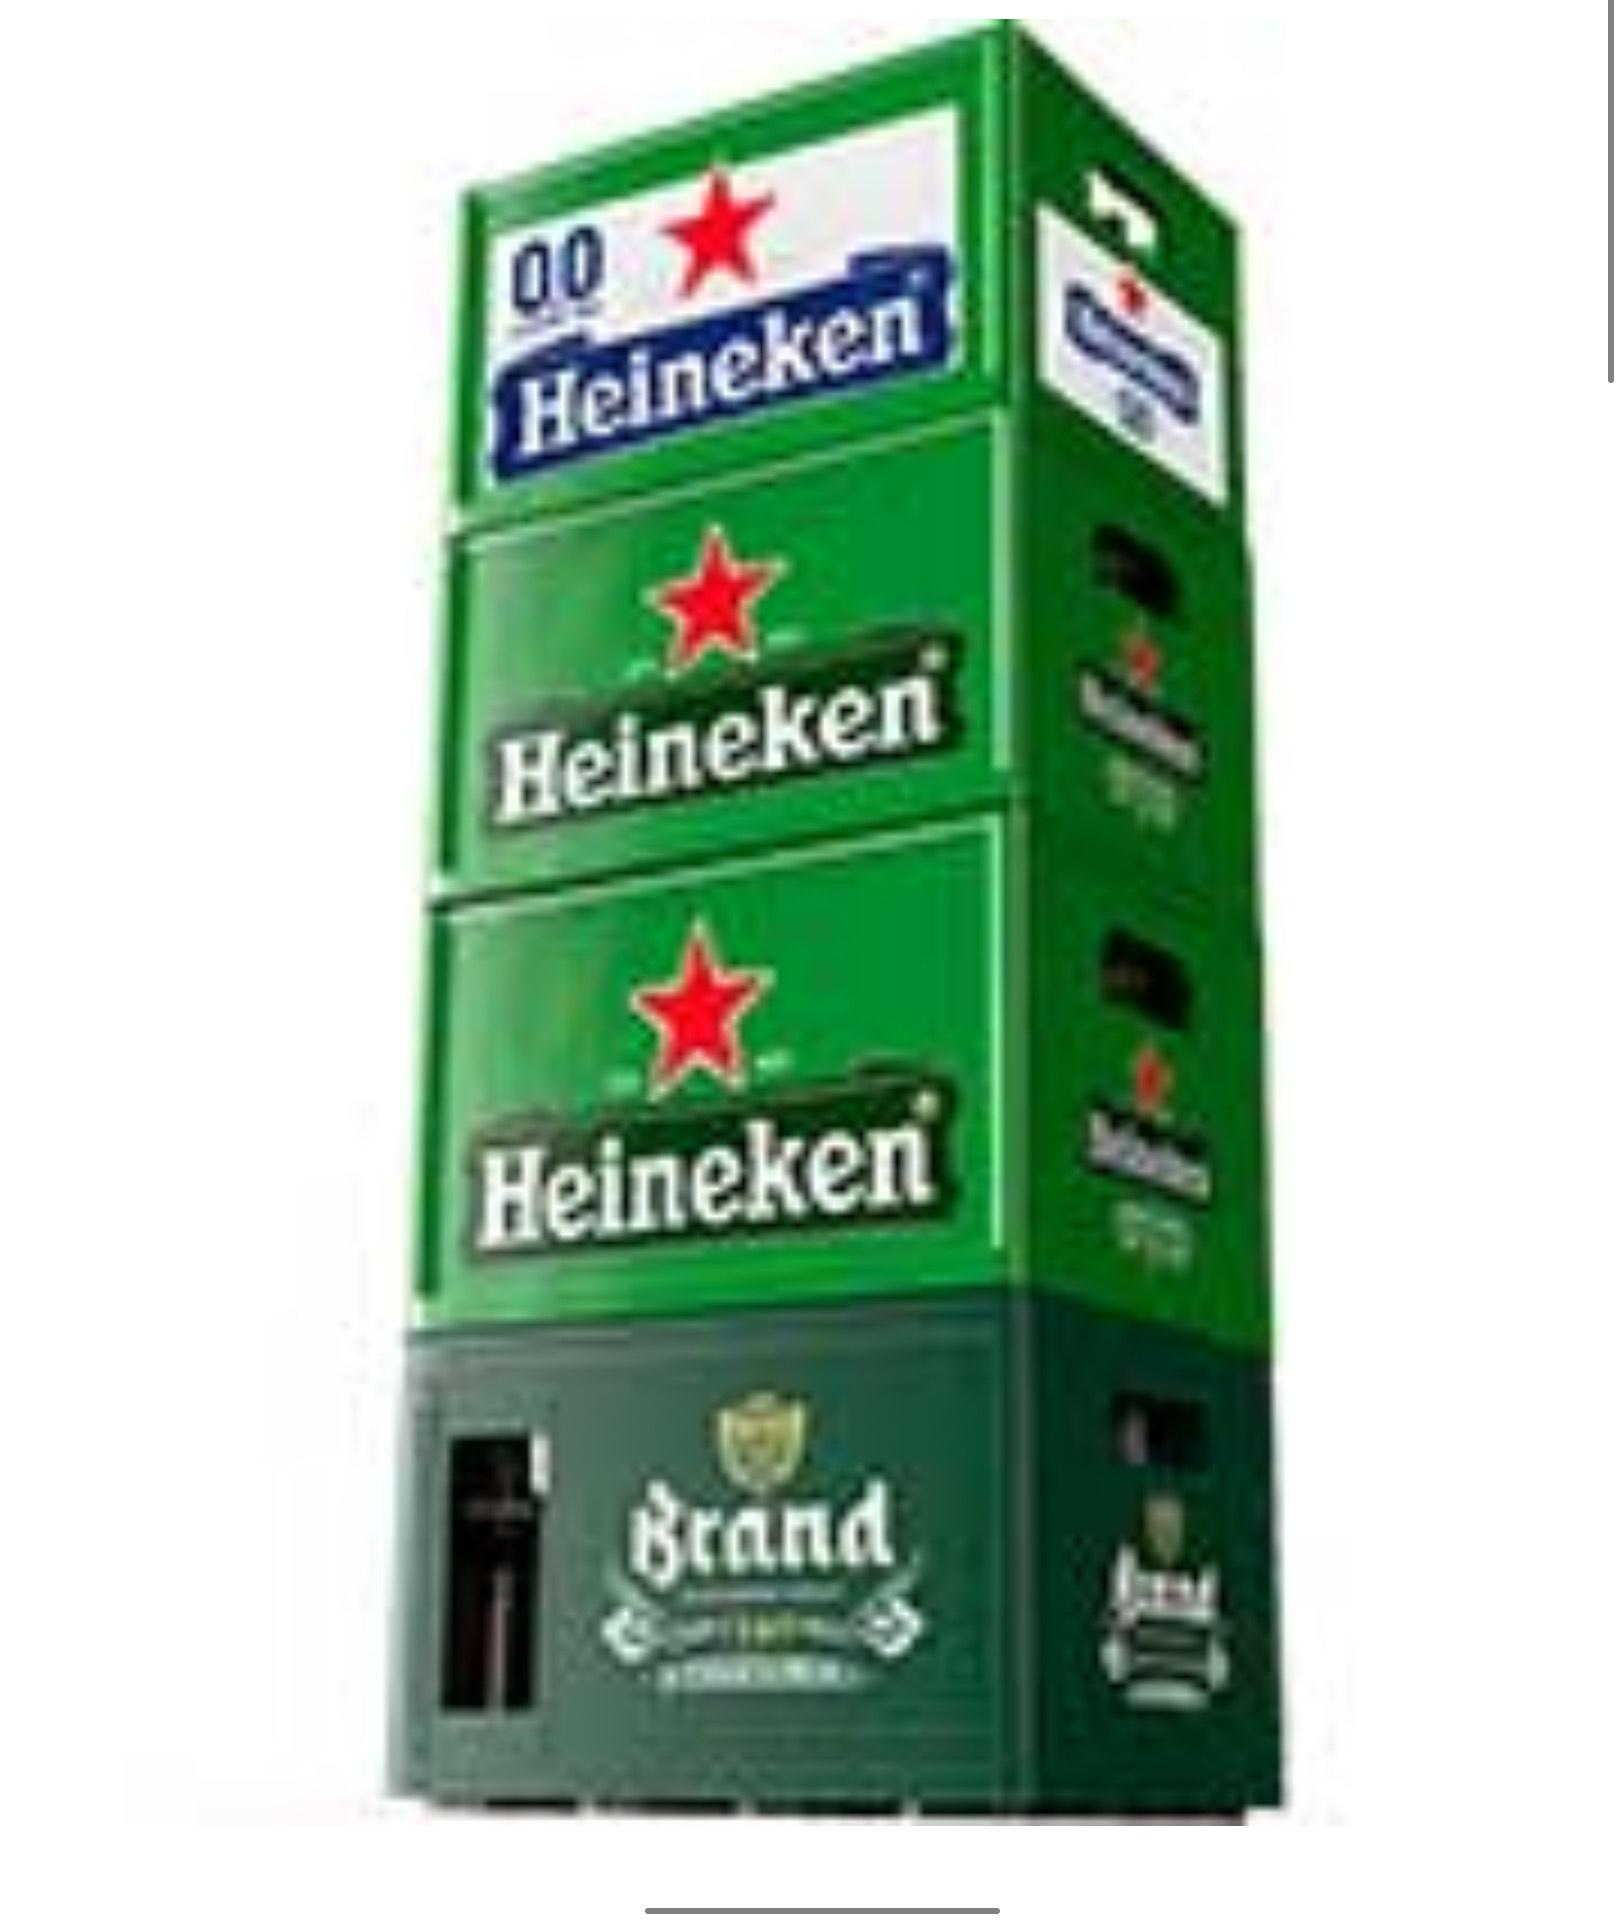 (GRENZGÄNGER NL) AlbertHeijn - 1 Kiste 24x0,3L Heineken, Heineken 0,0% oder Brand für 9,99 + Pfand 3,90